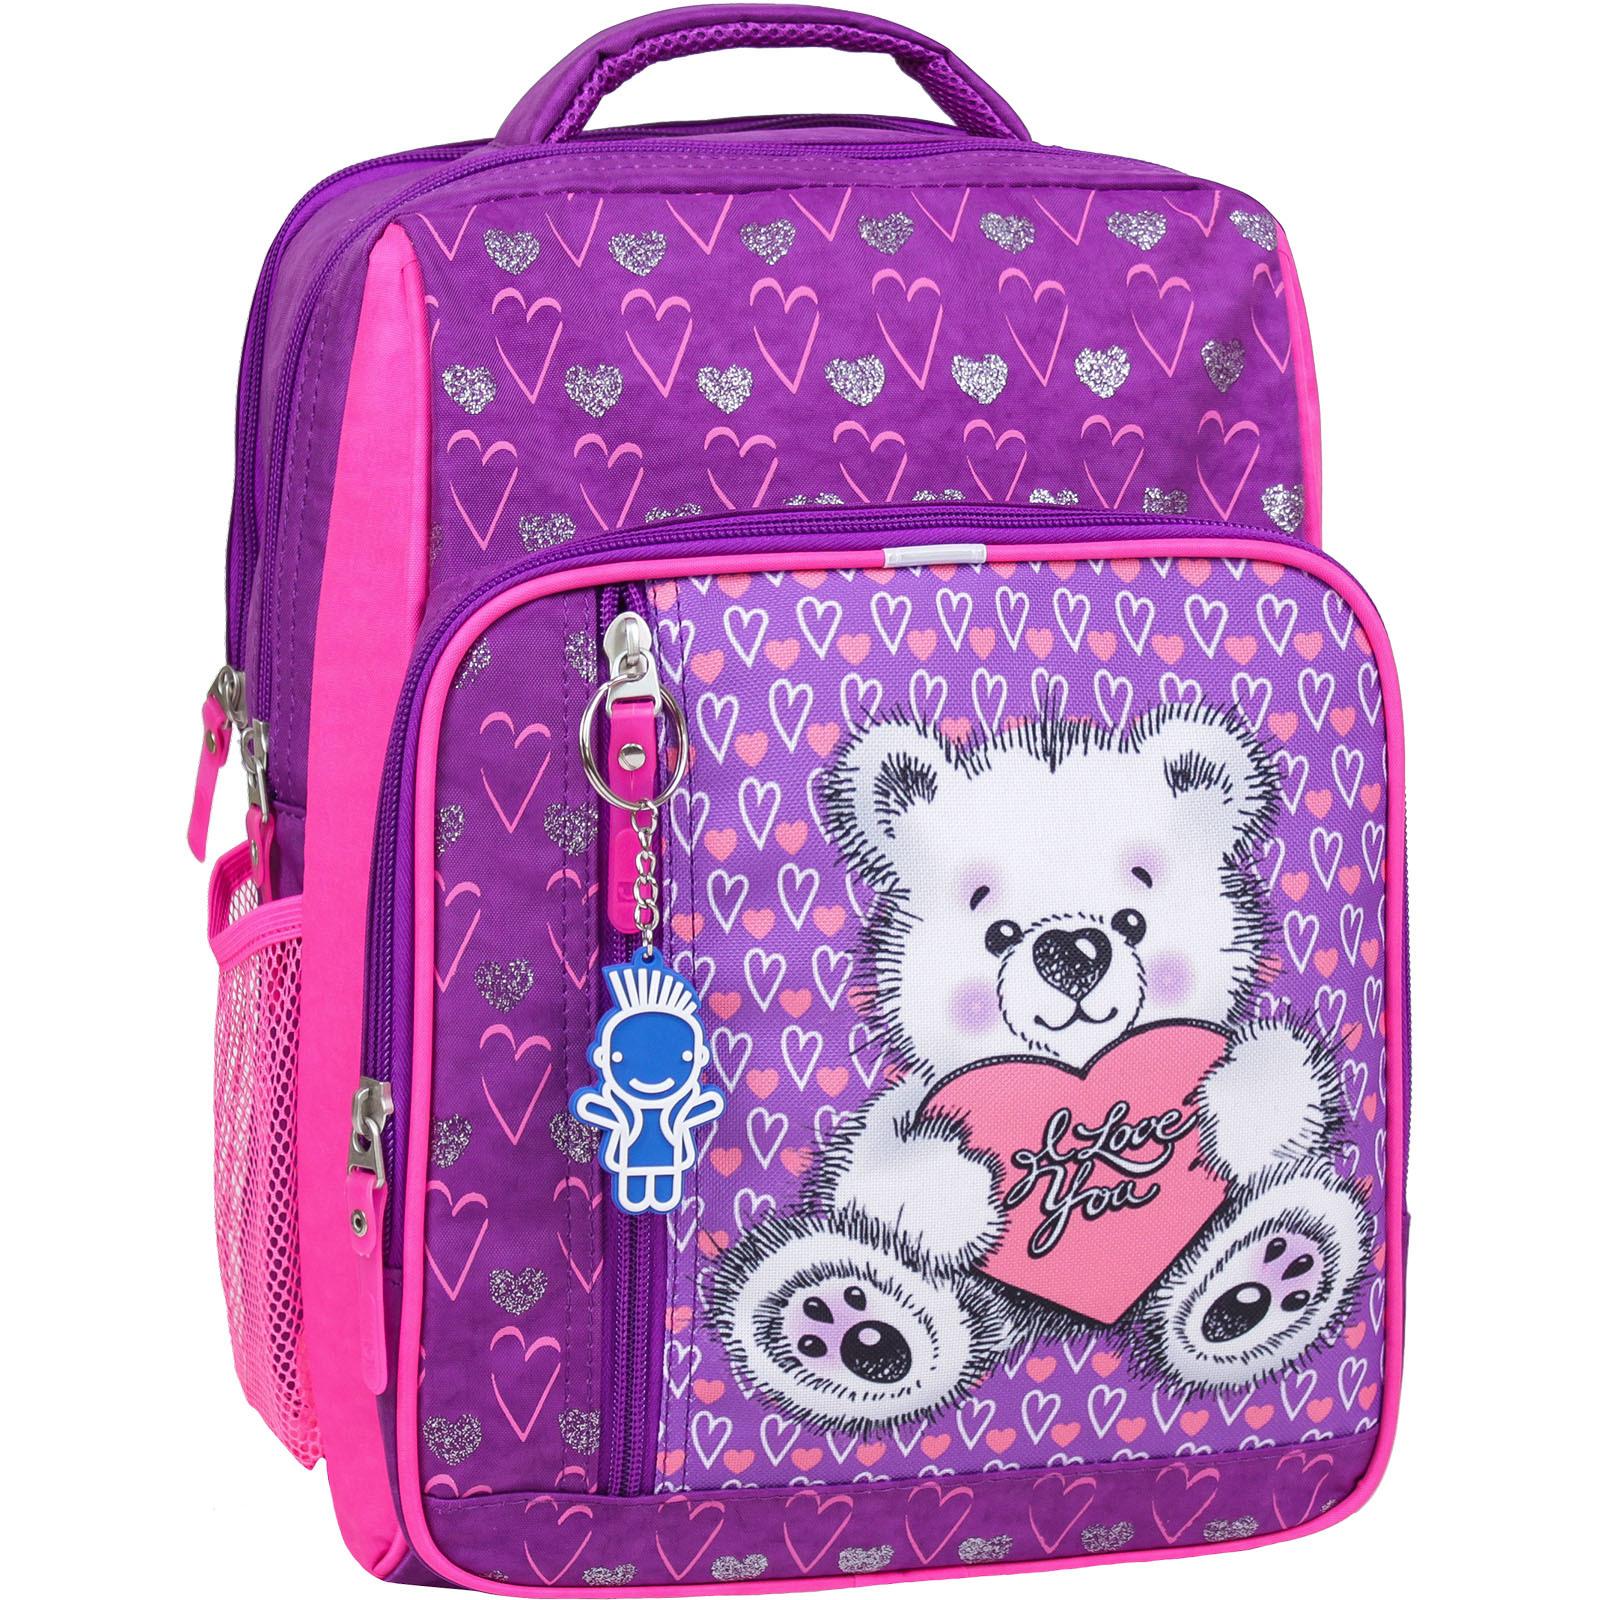 Школьные рюкзаки Рюкзак школьный Bagland Школьник 8 л. фиолетовый 377 (0012870) IMG_5881-1600-377.jpg